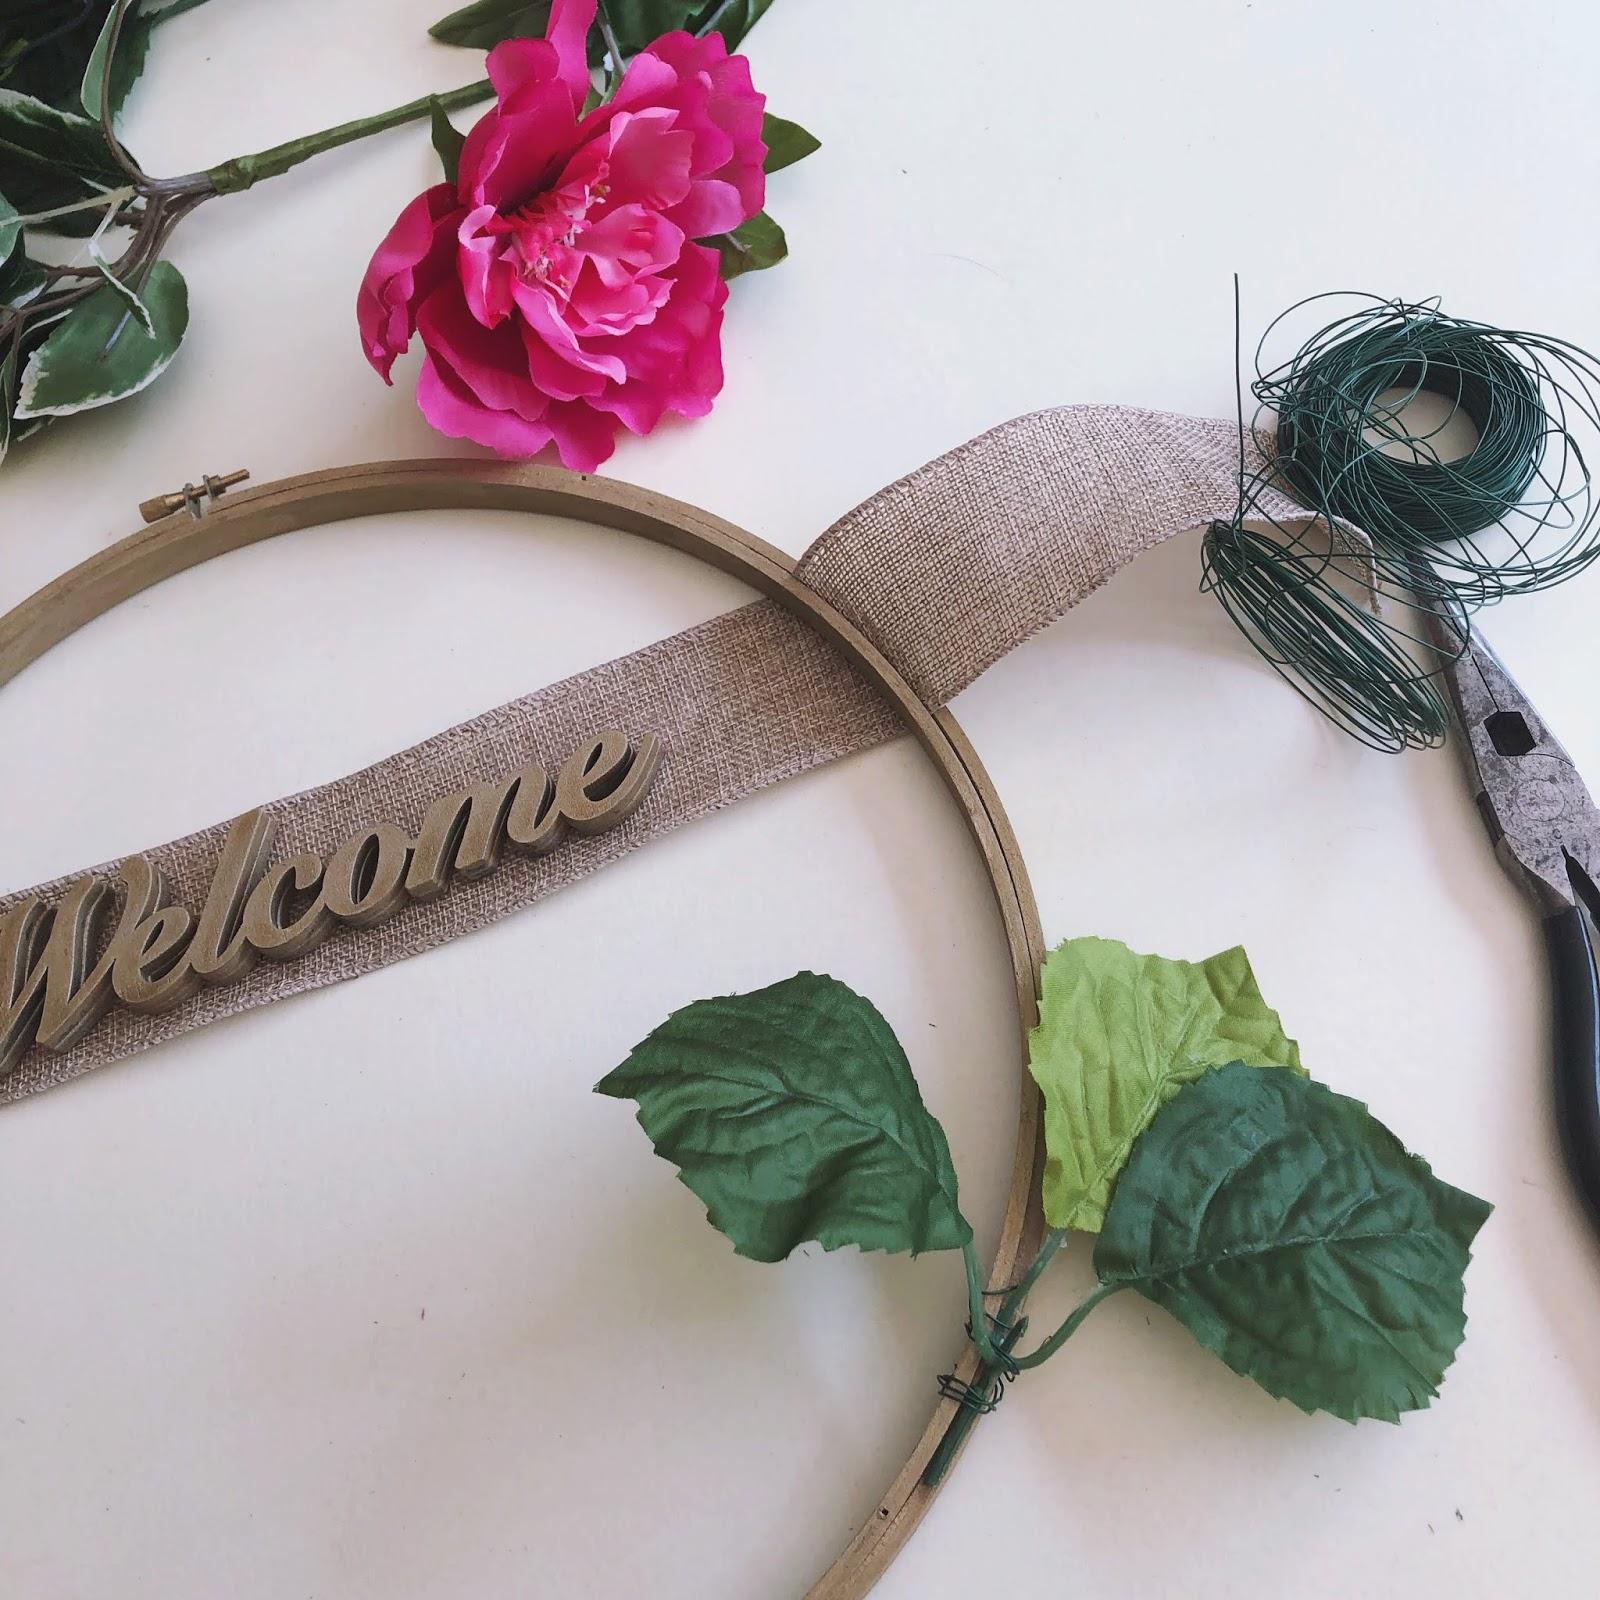 Spring Floral Hoop Wreath DIY